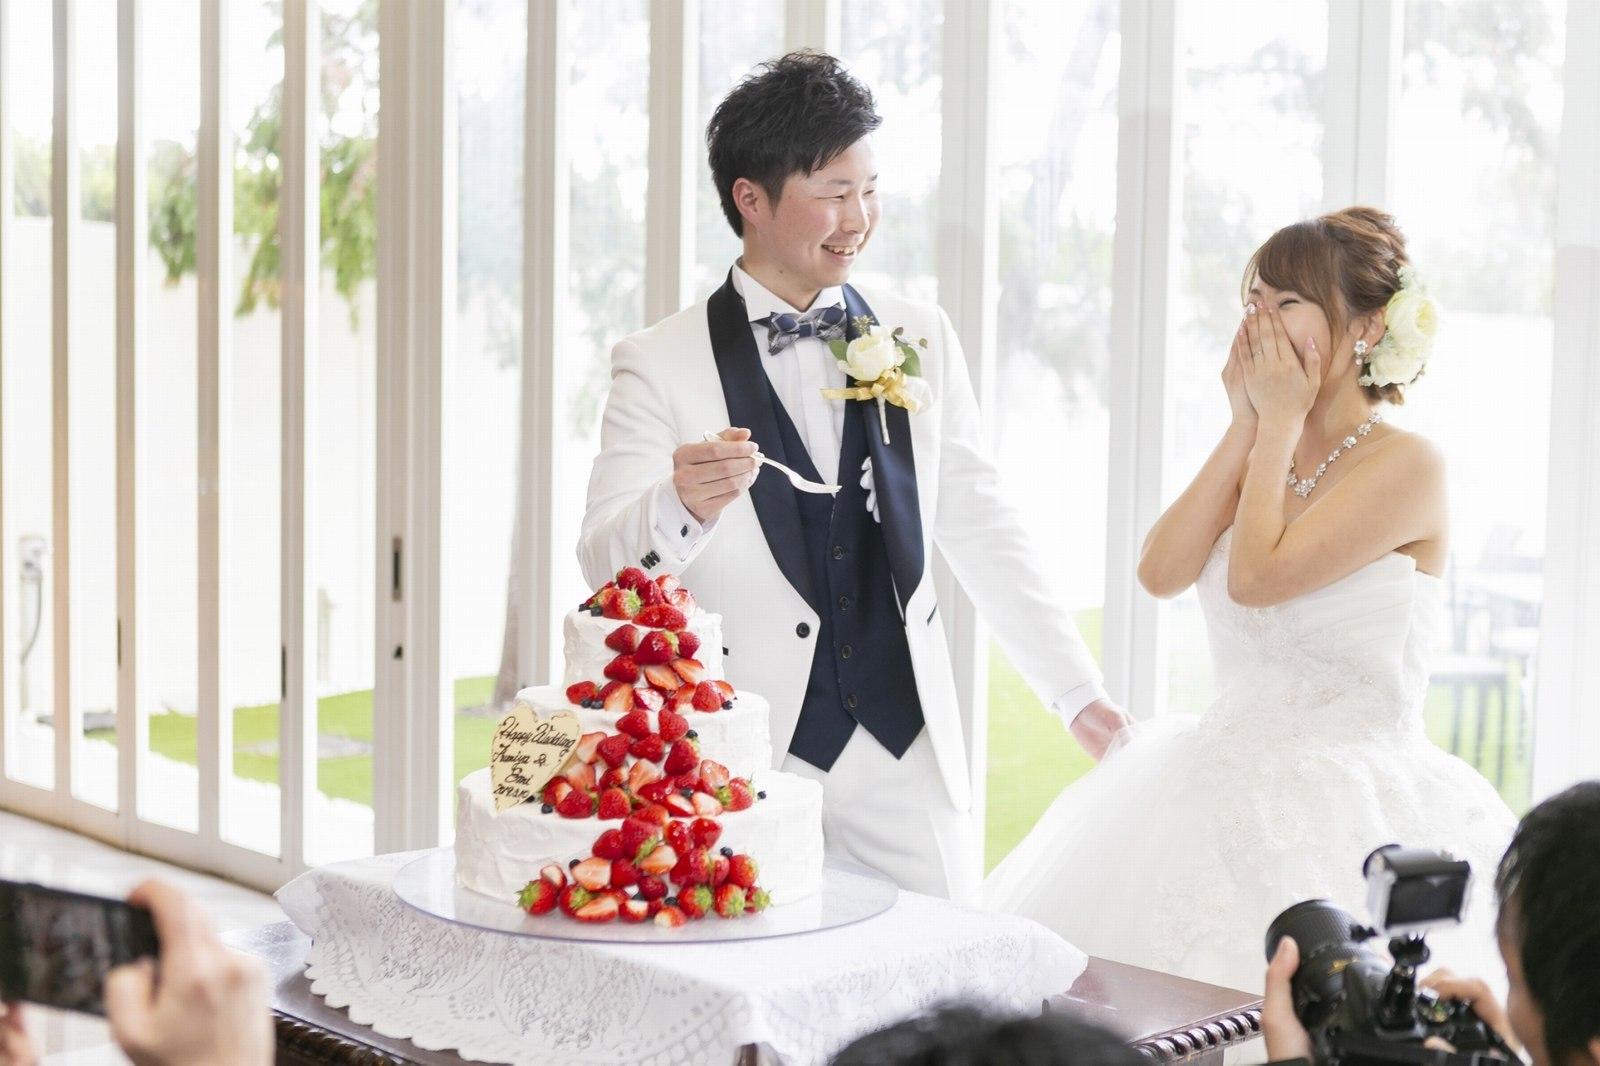 香川の結婚式場のシェルエメール&アイスタイルのケーキ入刀